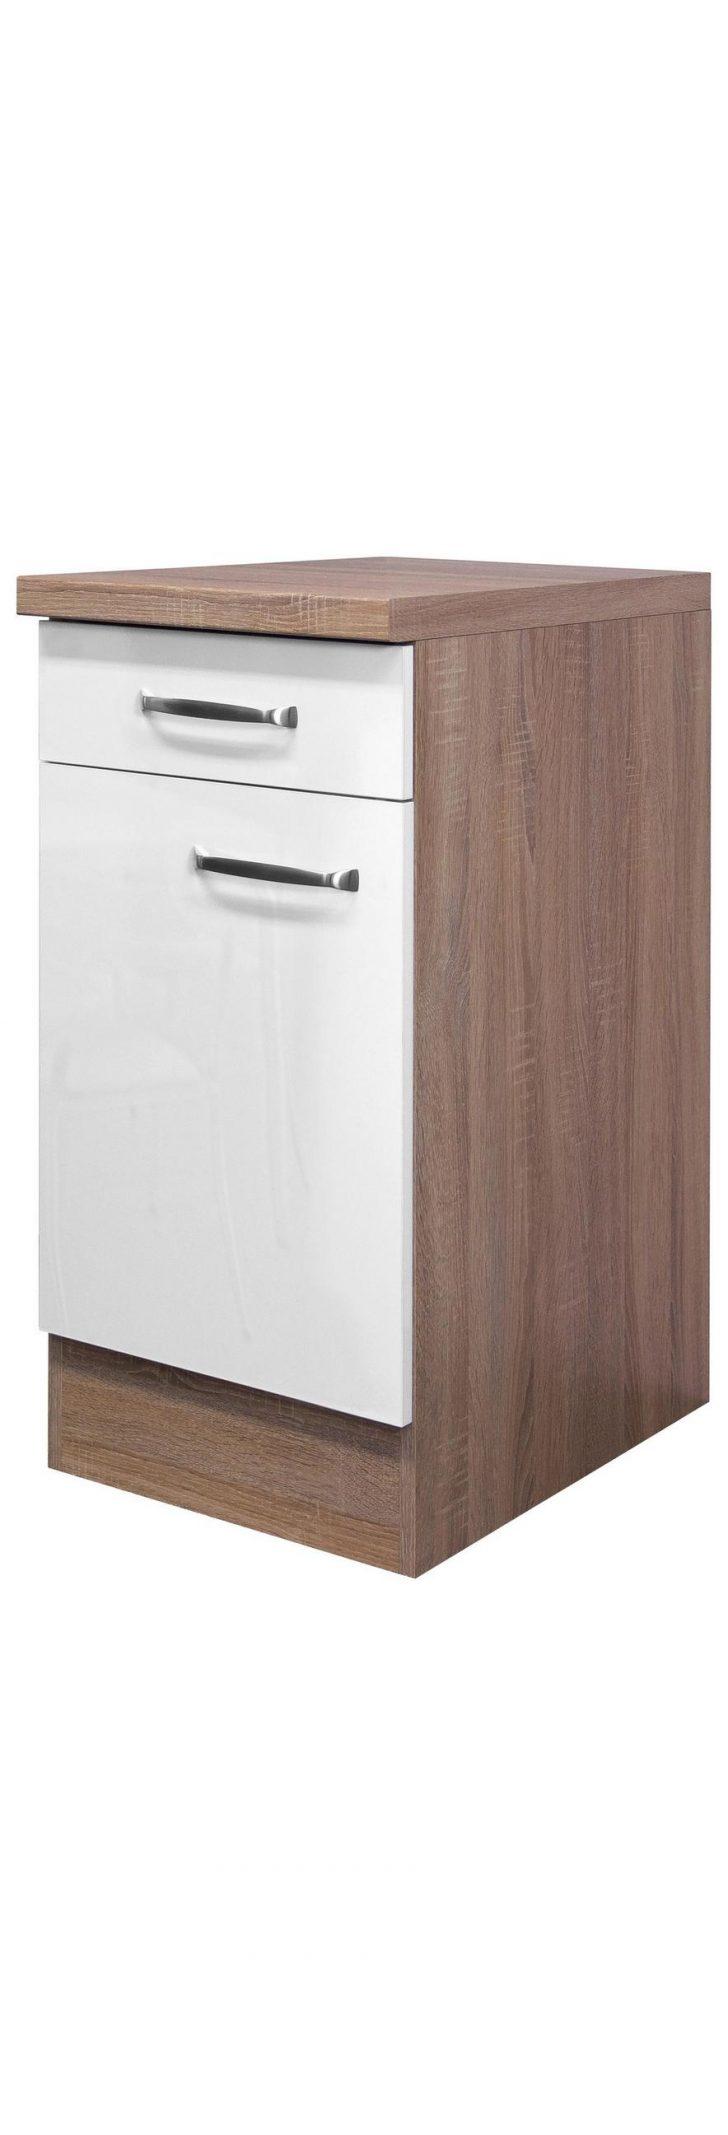 Medium Size of Küchenunterschrank Kchenunterschrank Wei Hochglanz Eiche Online Kaufen Mmax Wohnzimmer Küchenunterschrank